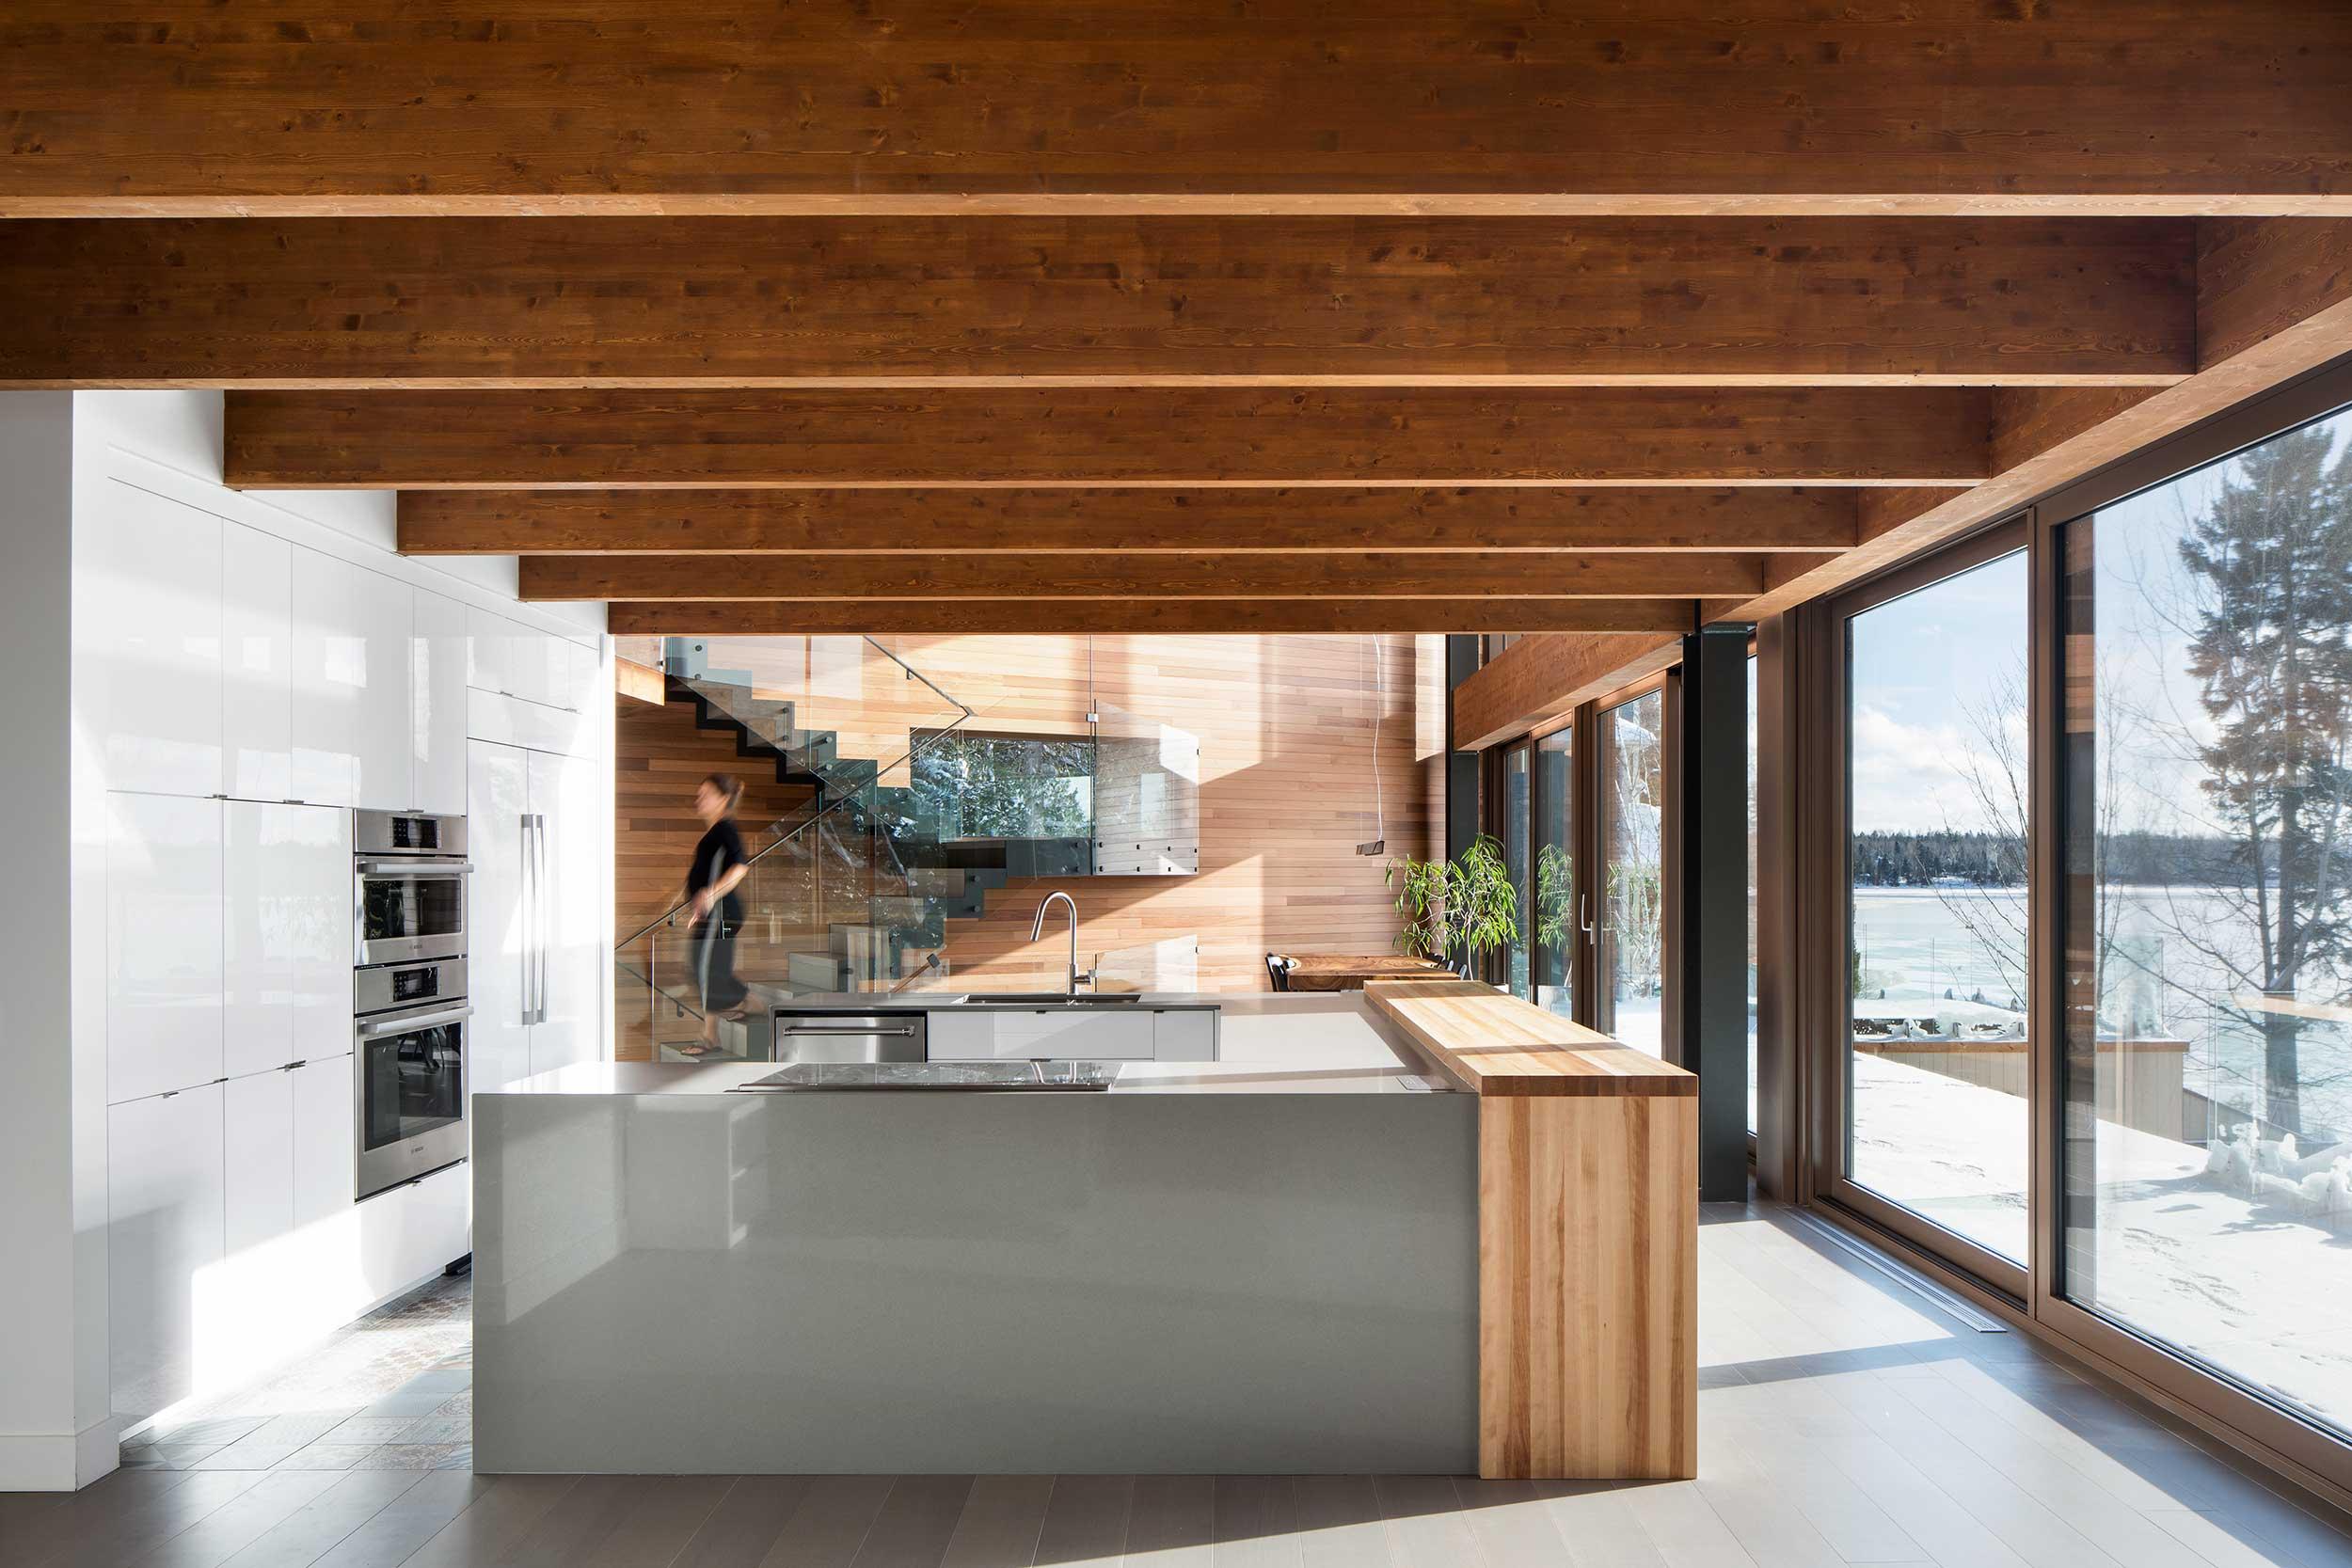 Résidence L'accostée : L'architecte a choisi une structure complexe en lamellé-collé composée d'arches entremêlées